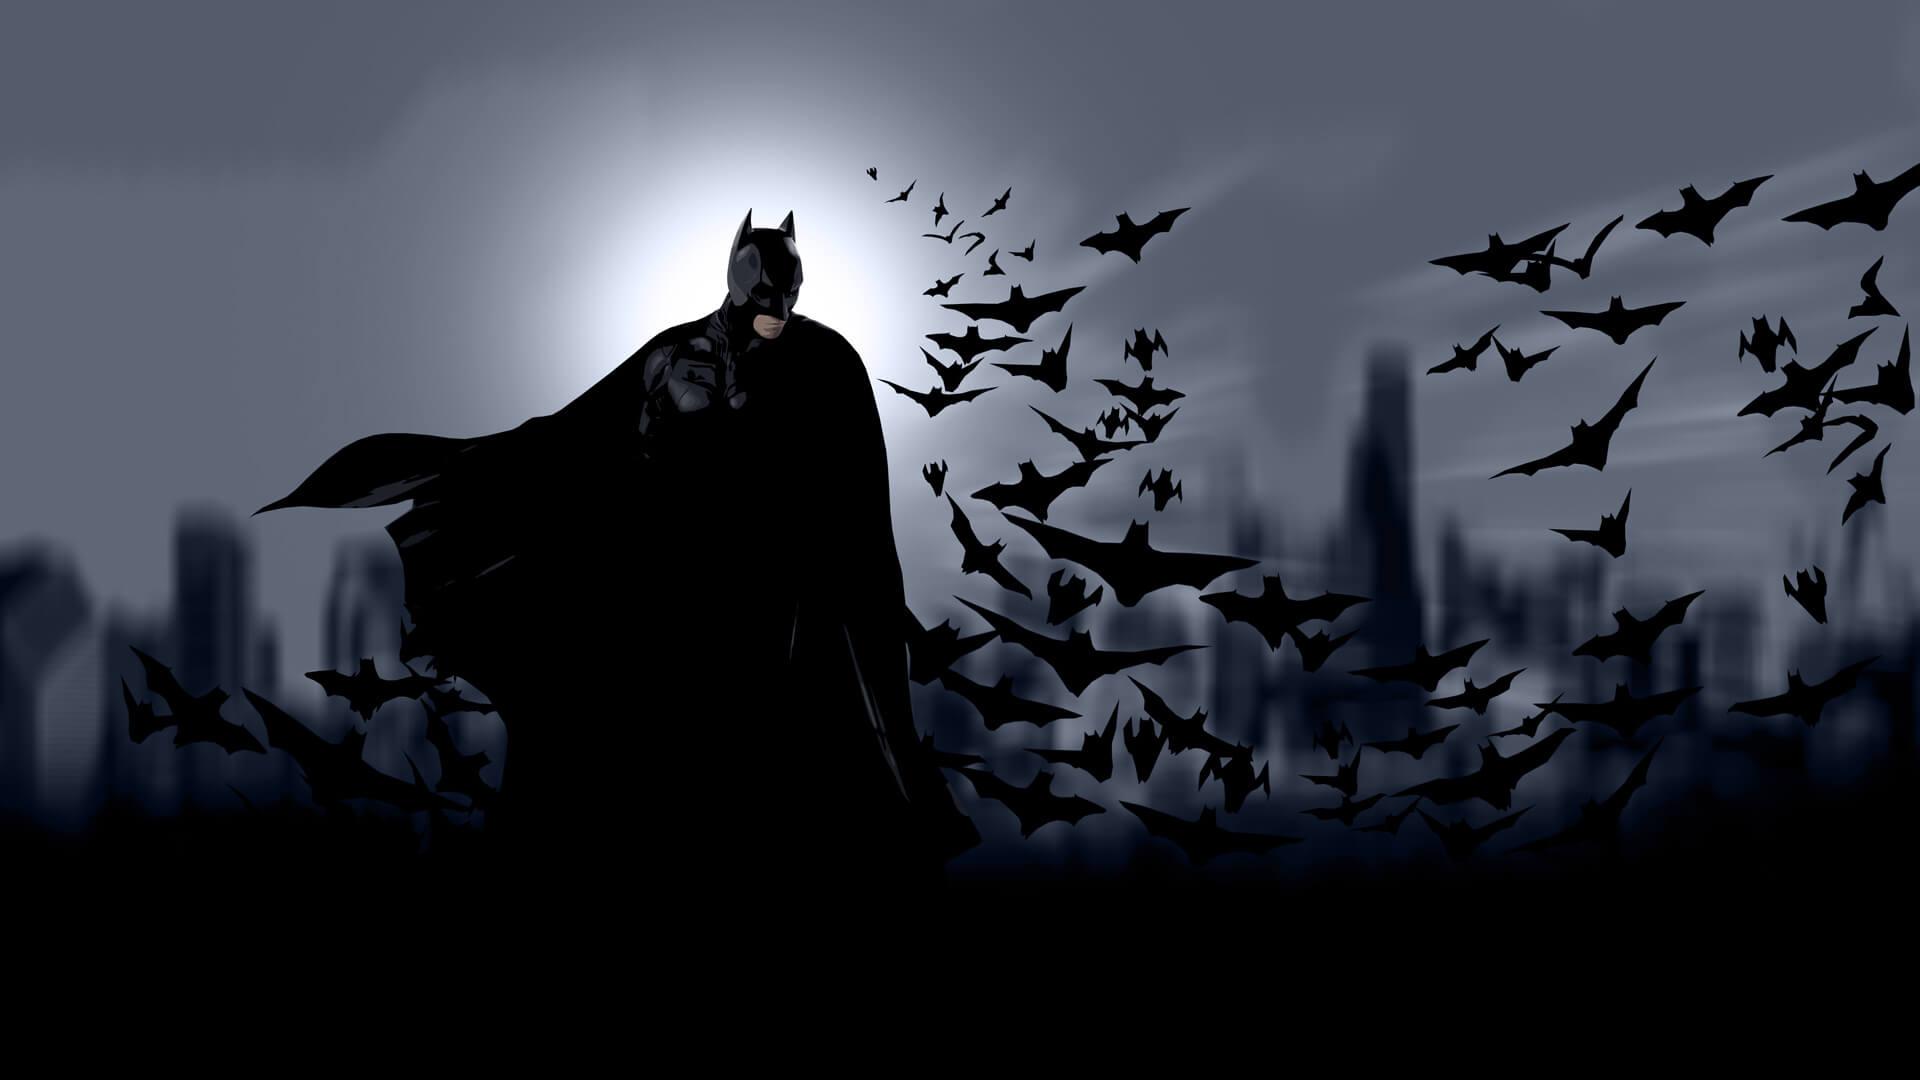 Superman Hd Iphone Wallpaper Batman Images Wallpapers 36 Wallpapers Adorable Wallpapers